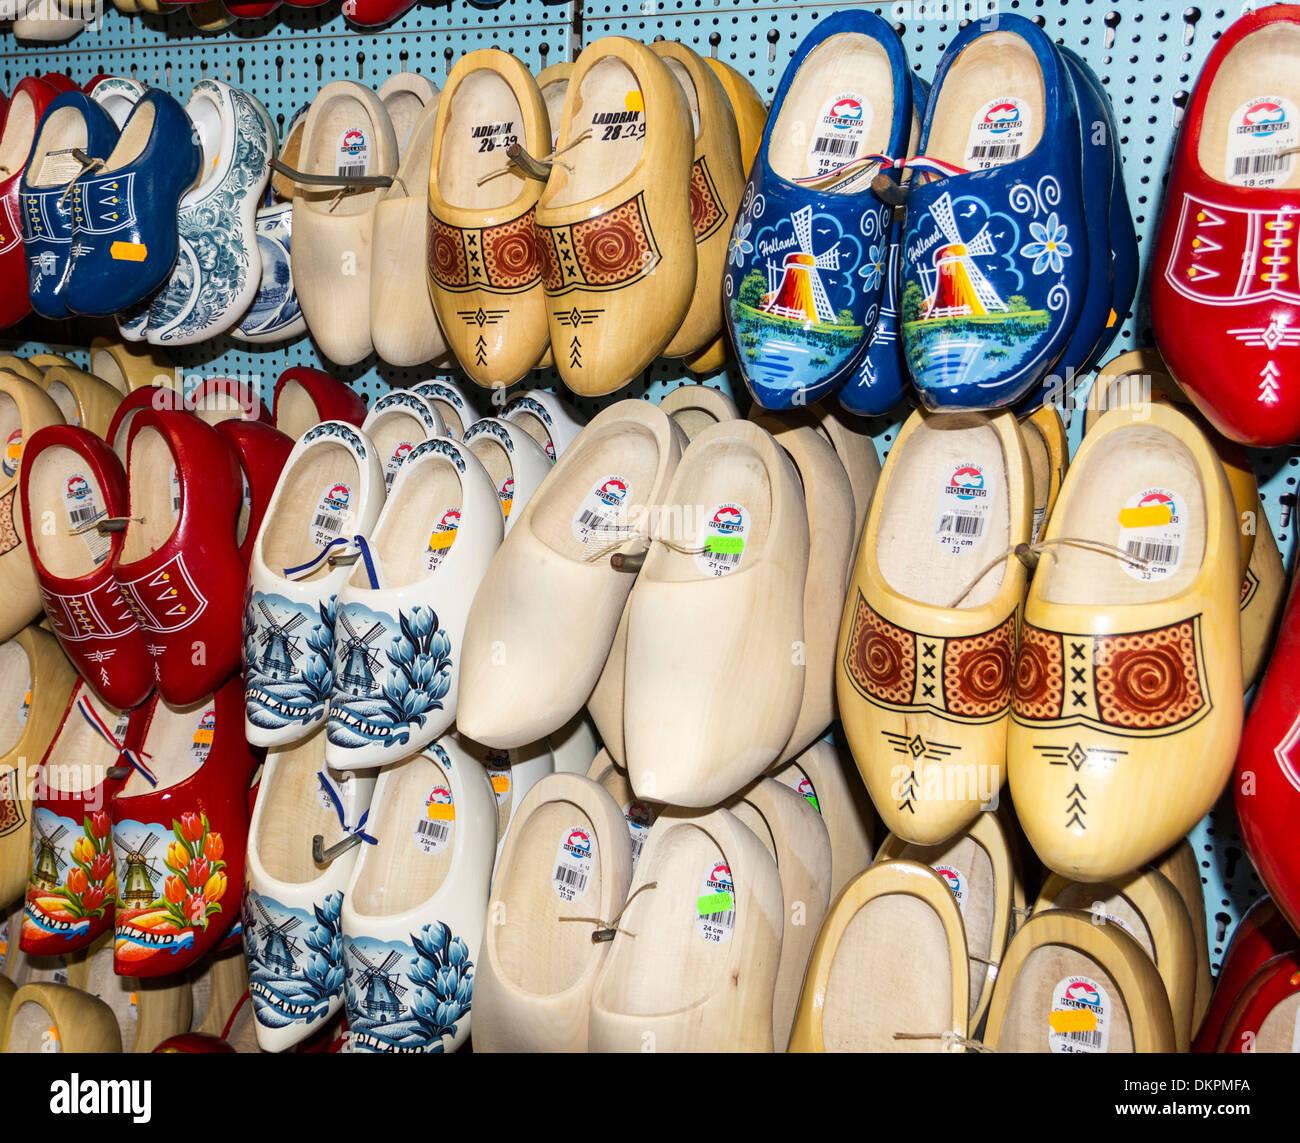 AMSTERDAM olandese di fatto a mano zoccoli di legno [KLOMP O KLOMPEN] per la vendita Immagini Stock